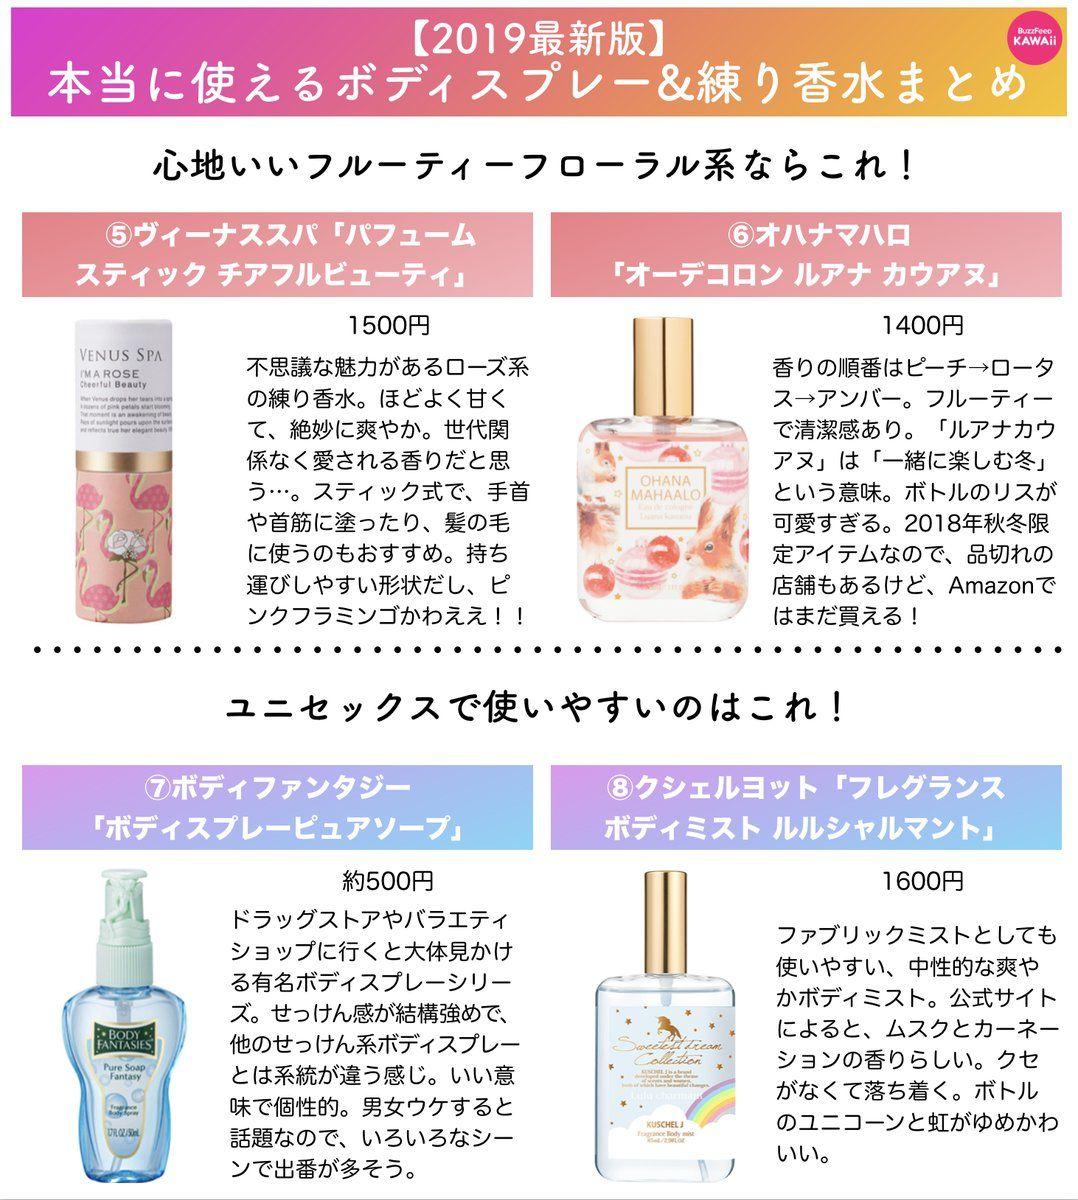 Buzzfeed Kawaii On 香水 人気 香水 メンズ ボディミスト